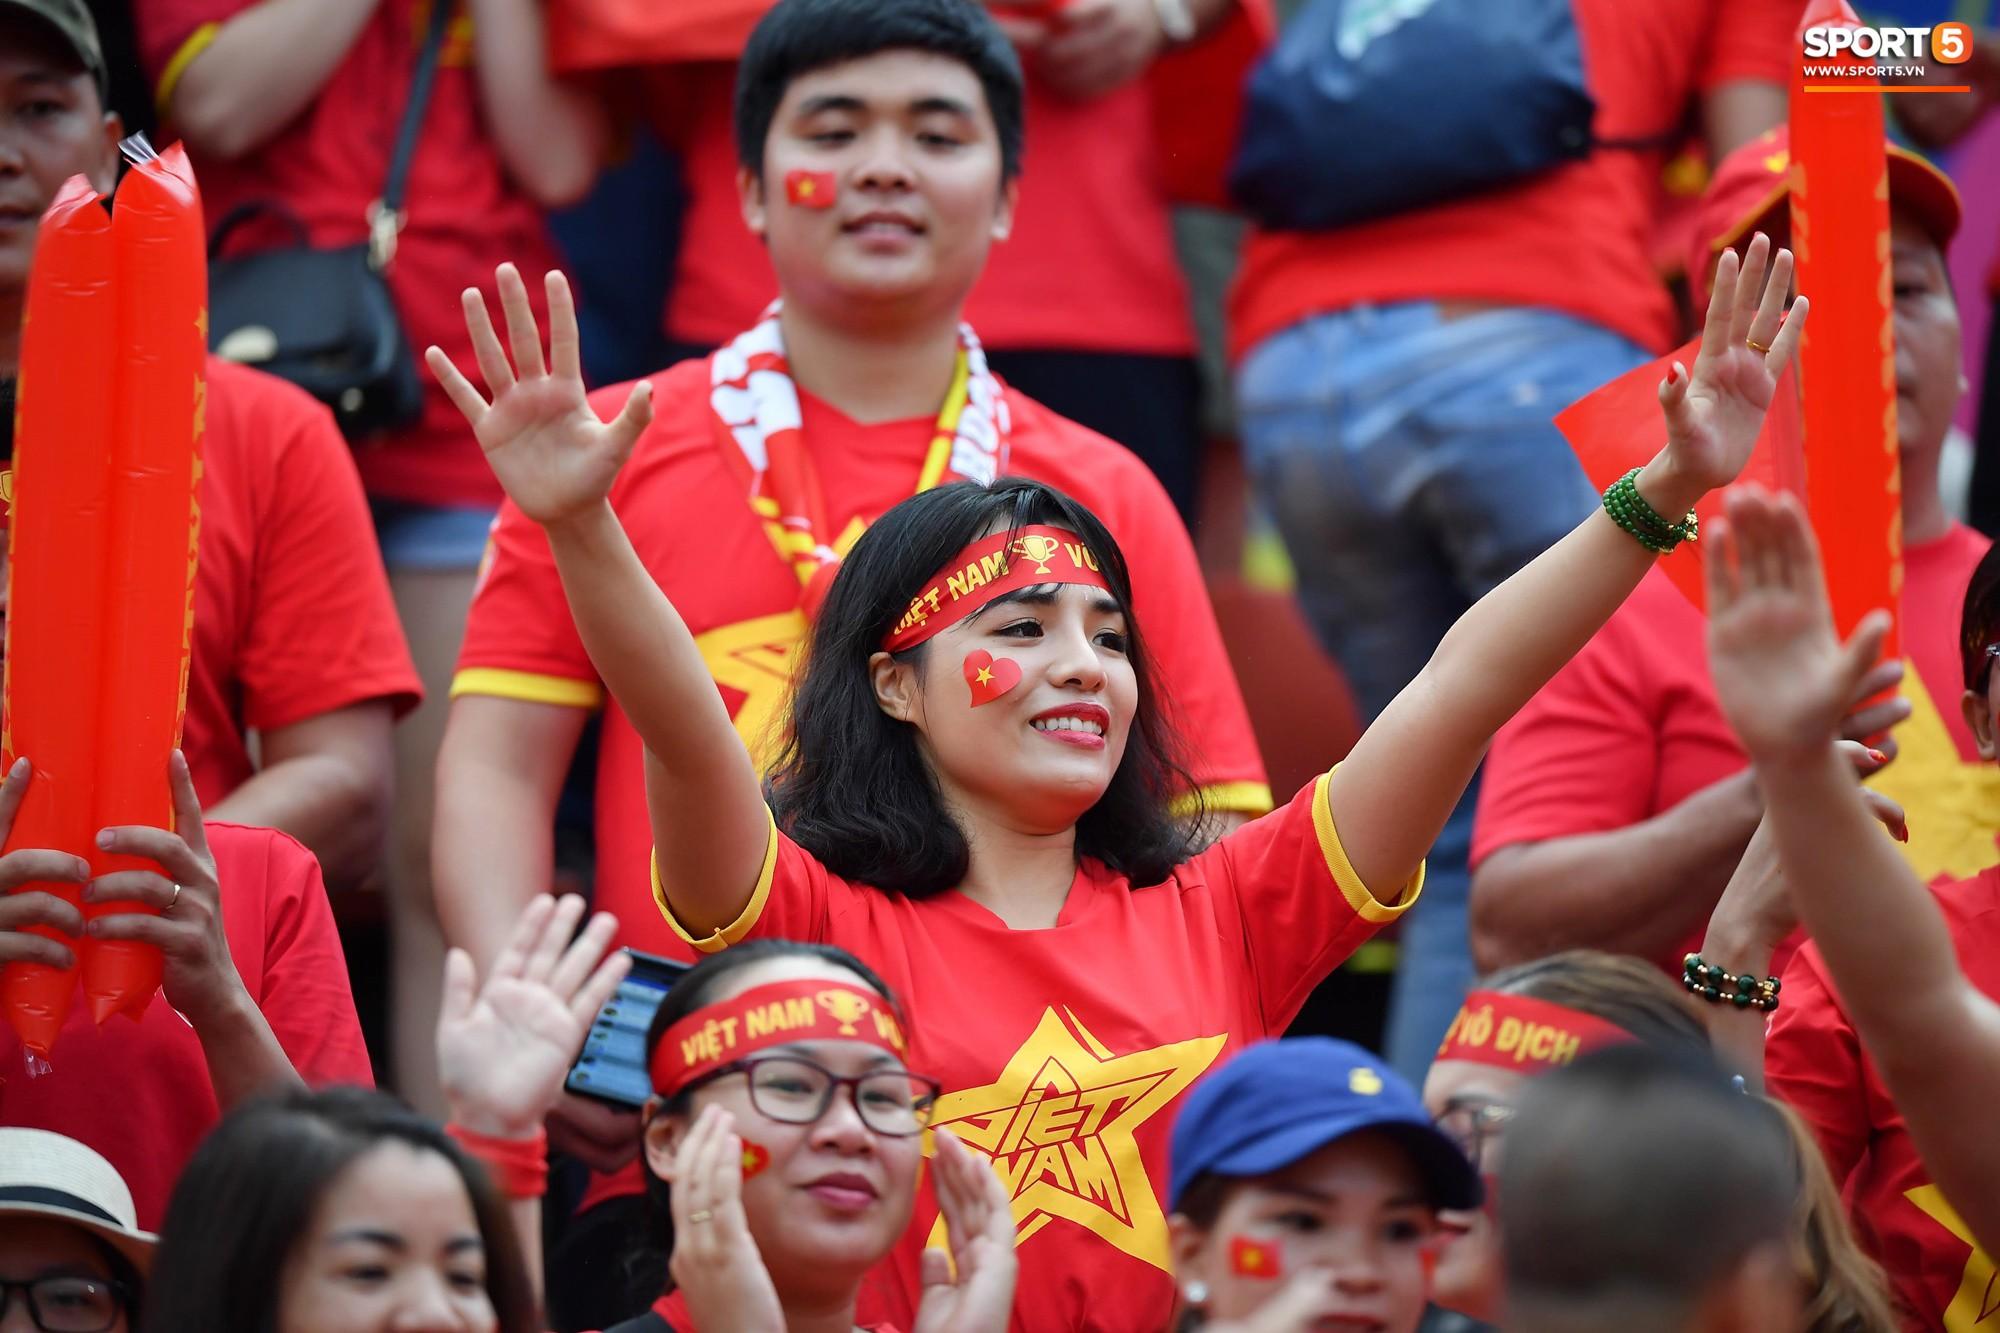 Fan Thái Lan có hành động xấu, giơ 'ngón tay thối' trên khán đài khi nghe đọc tên HLV Park Hang-seo 6